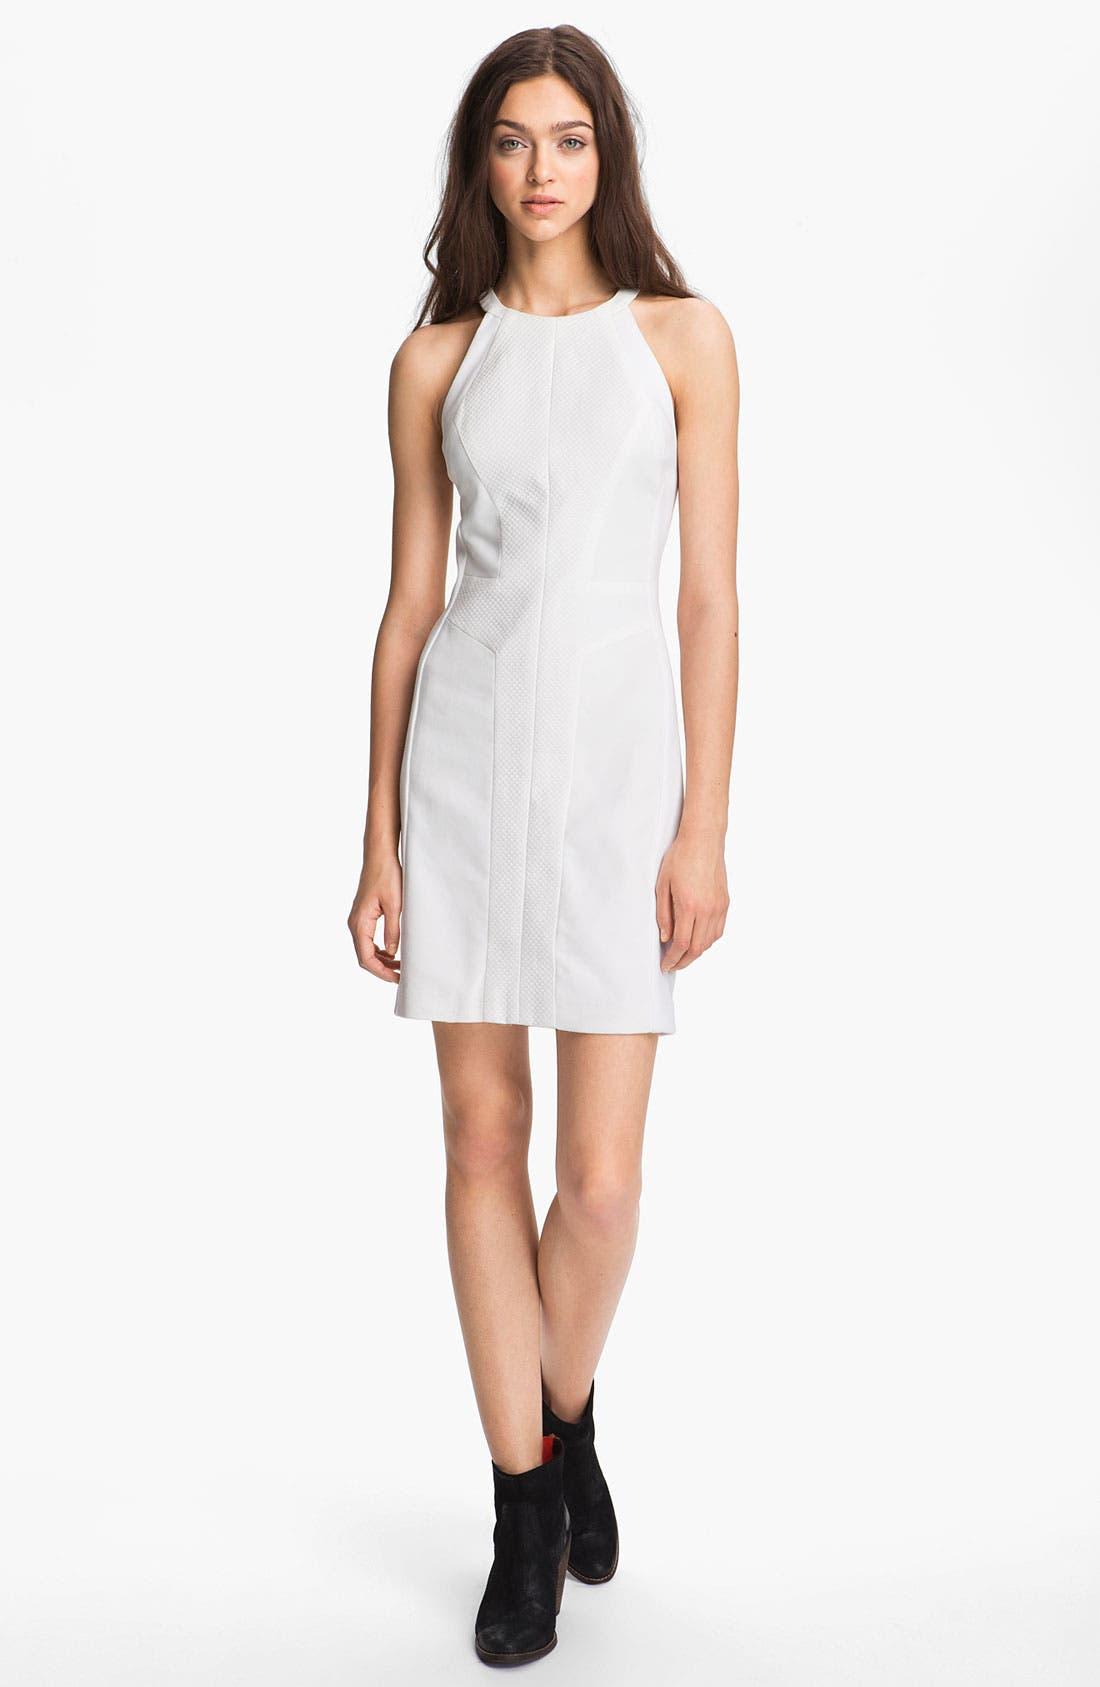 Alternate Image 1 Selected - rag & bone 'Camden' Dress